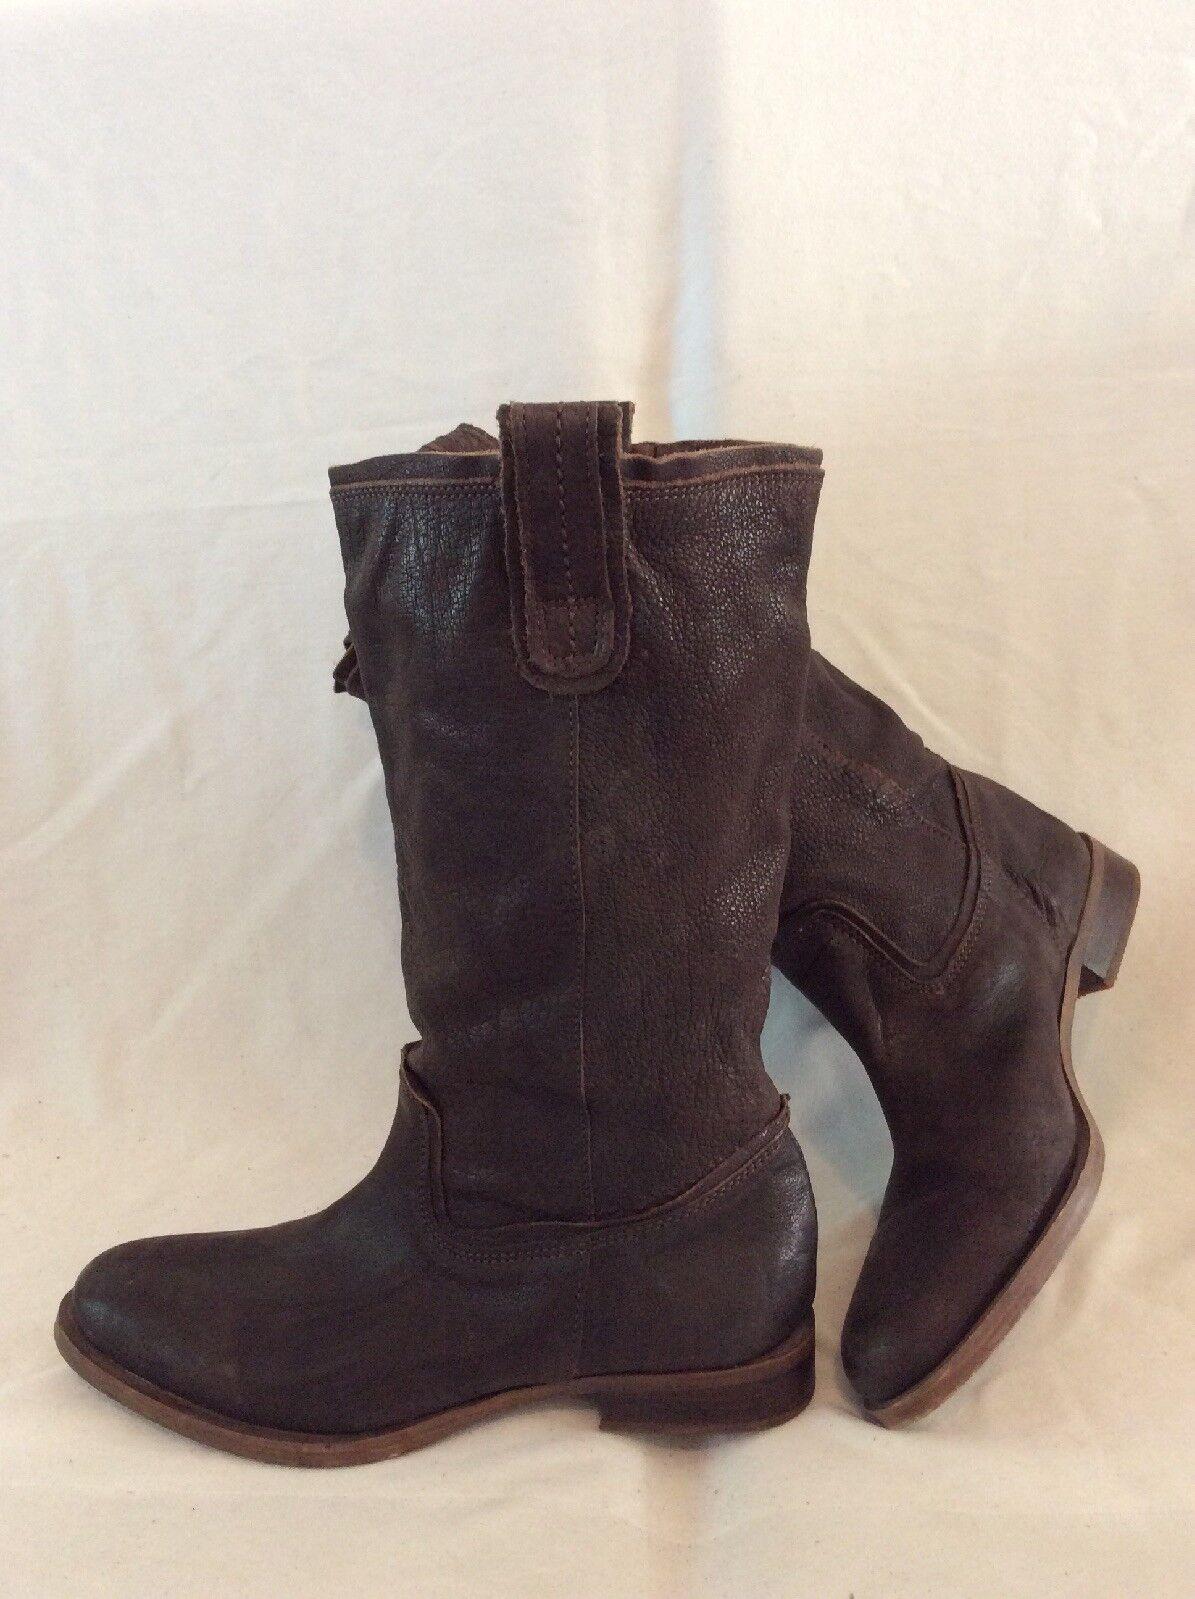 Mexx Dark braun Mid Calf Leather Stiefel Größe 39